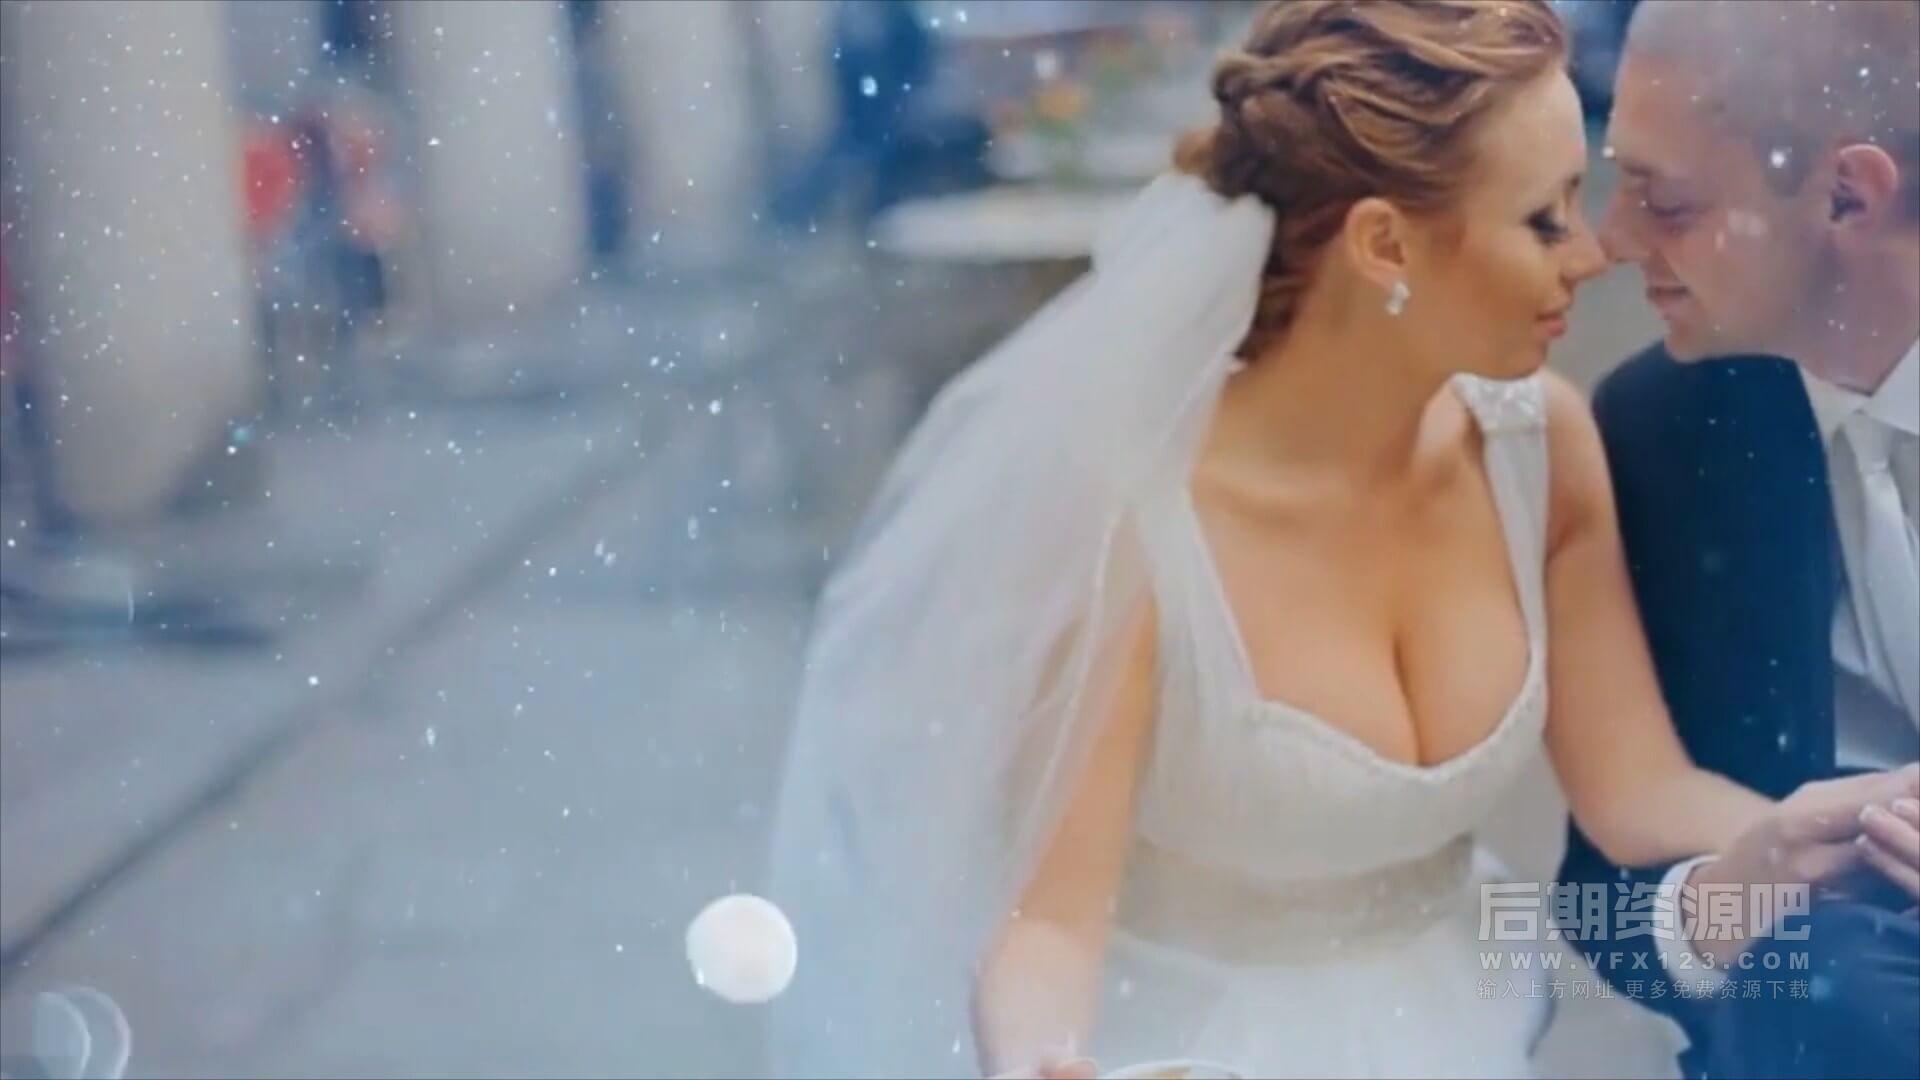 视频素材 20个唯美高贵奢华闪烁光斑粒子浪漫婚礼MV叠加动画